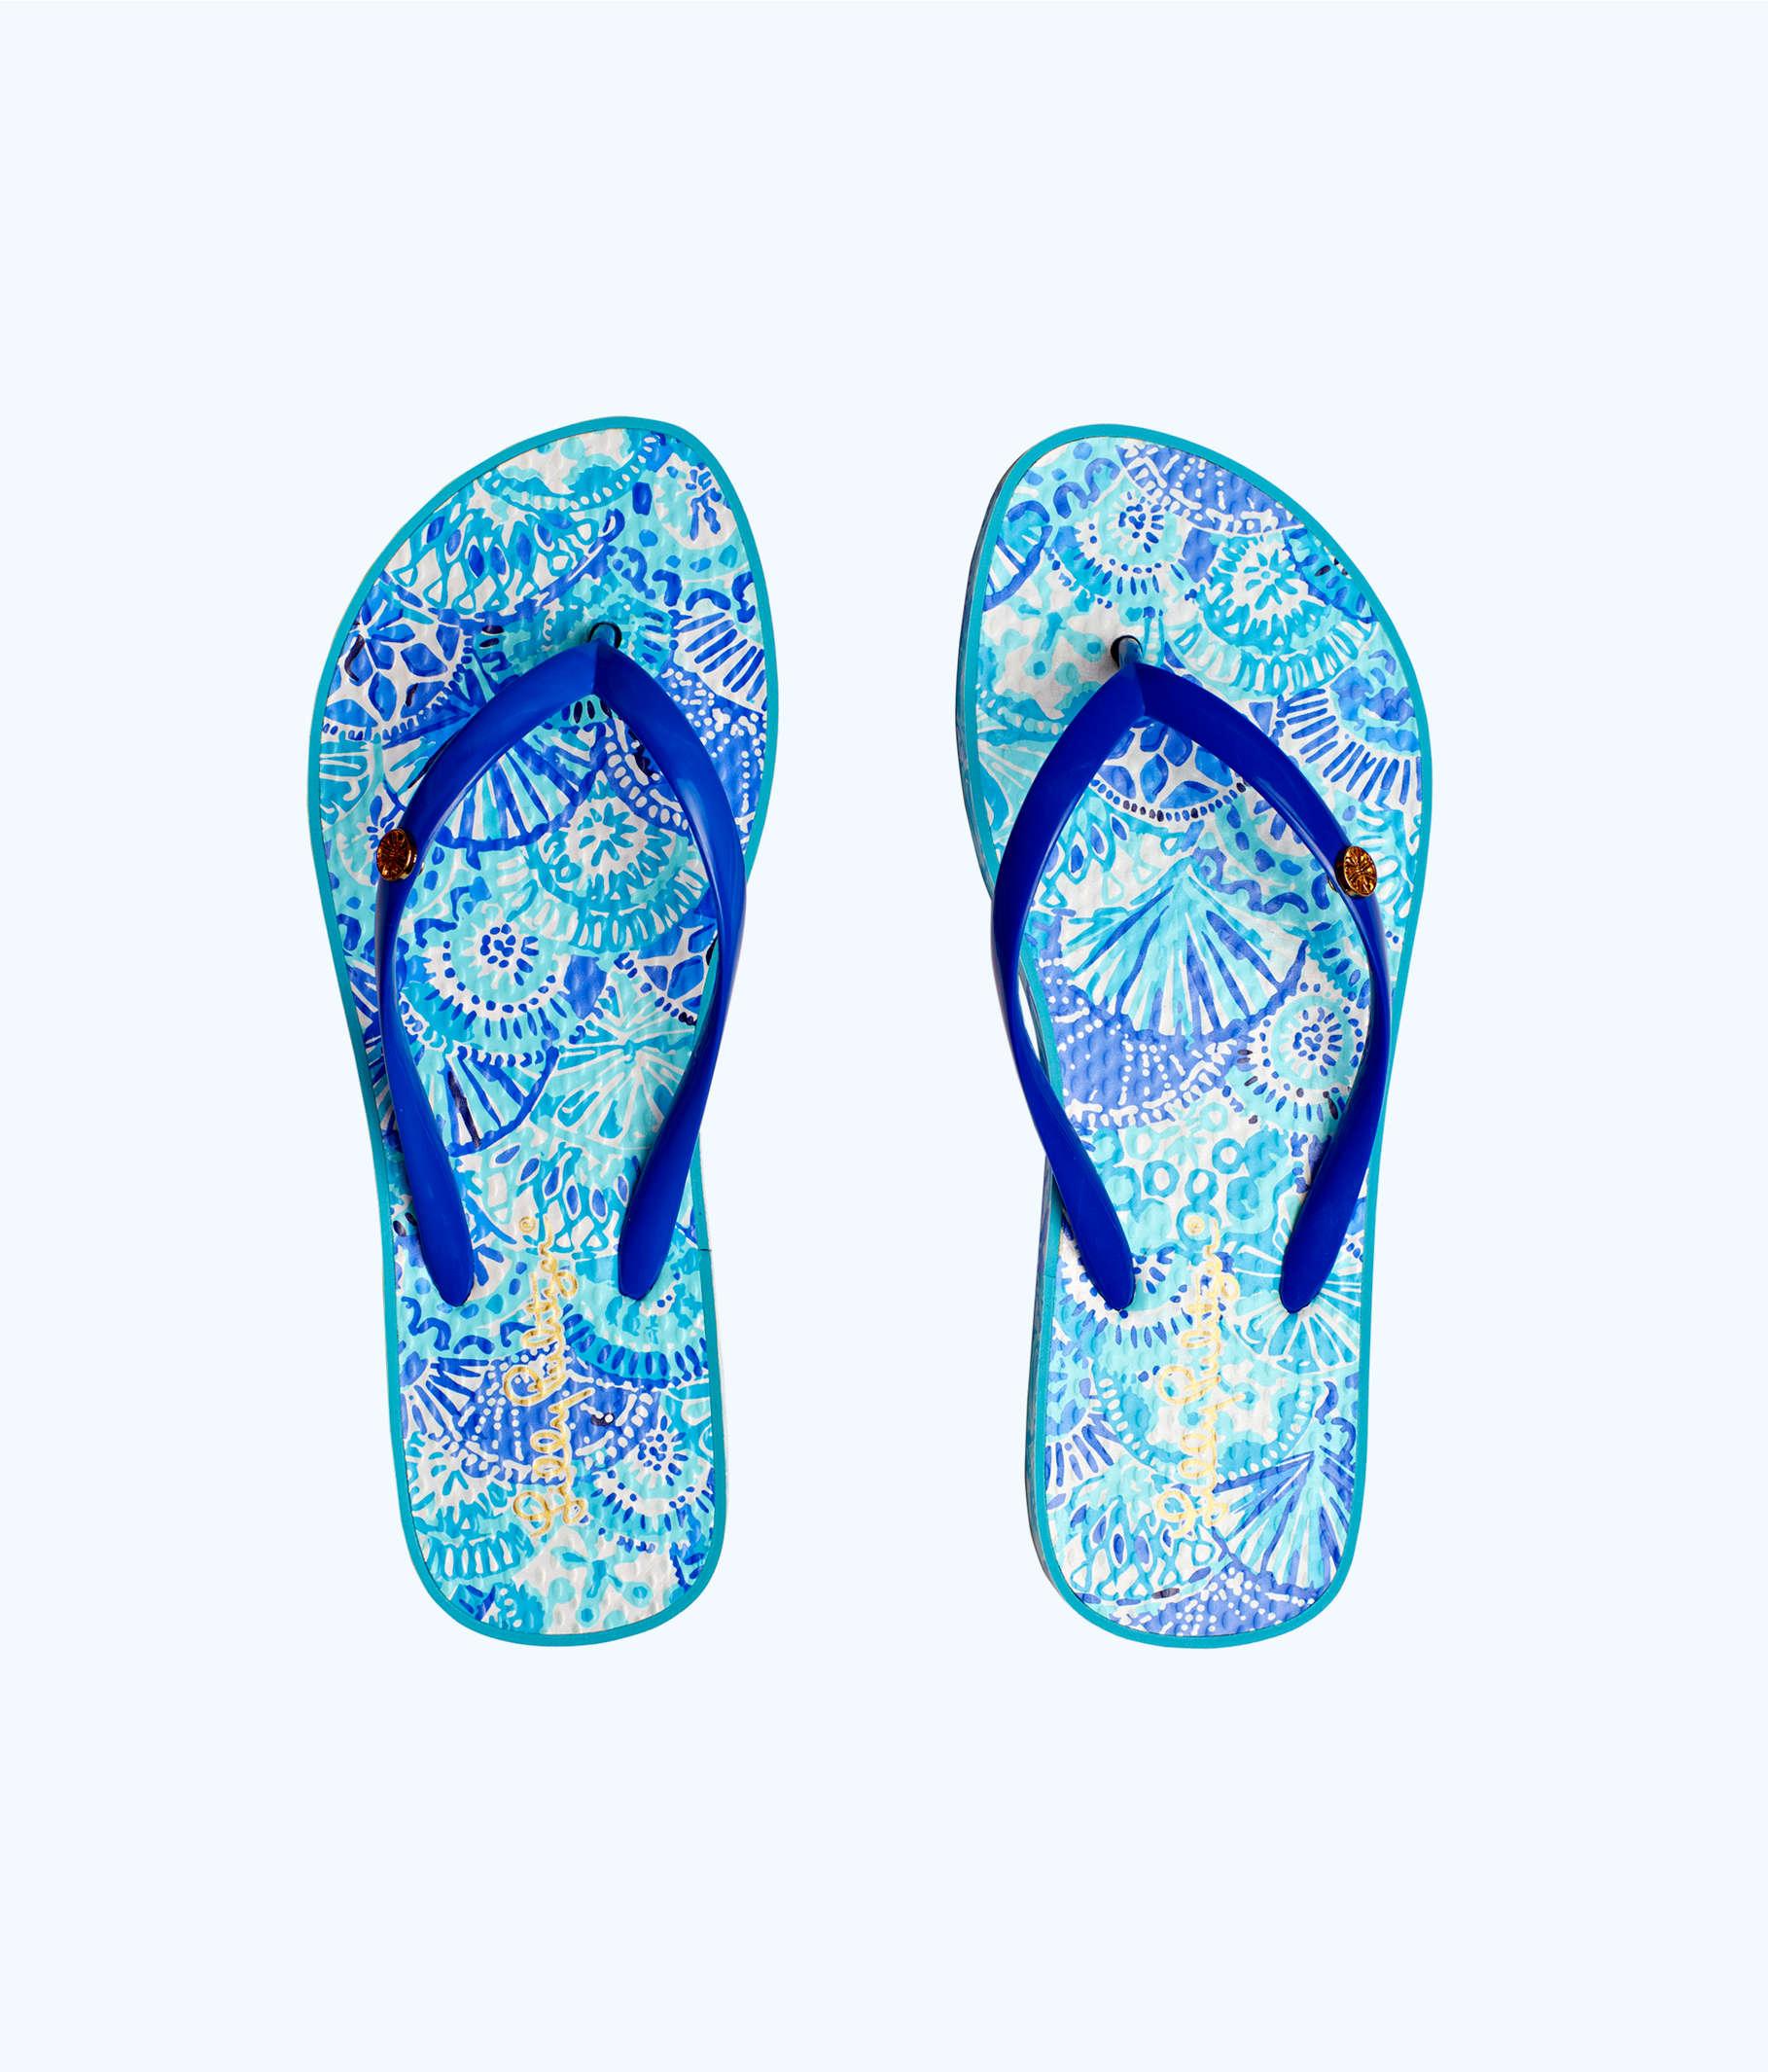 d03f3ec3c66d88 ... Pool Flip Flop, Turquoise Oasis Half Shell Shoe, large ...